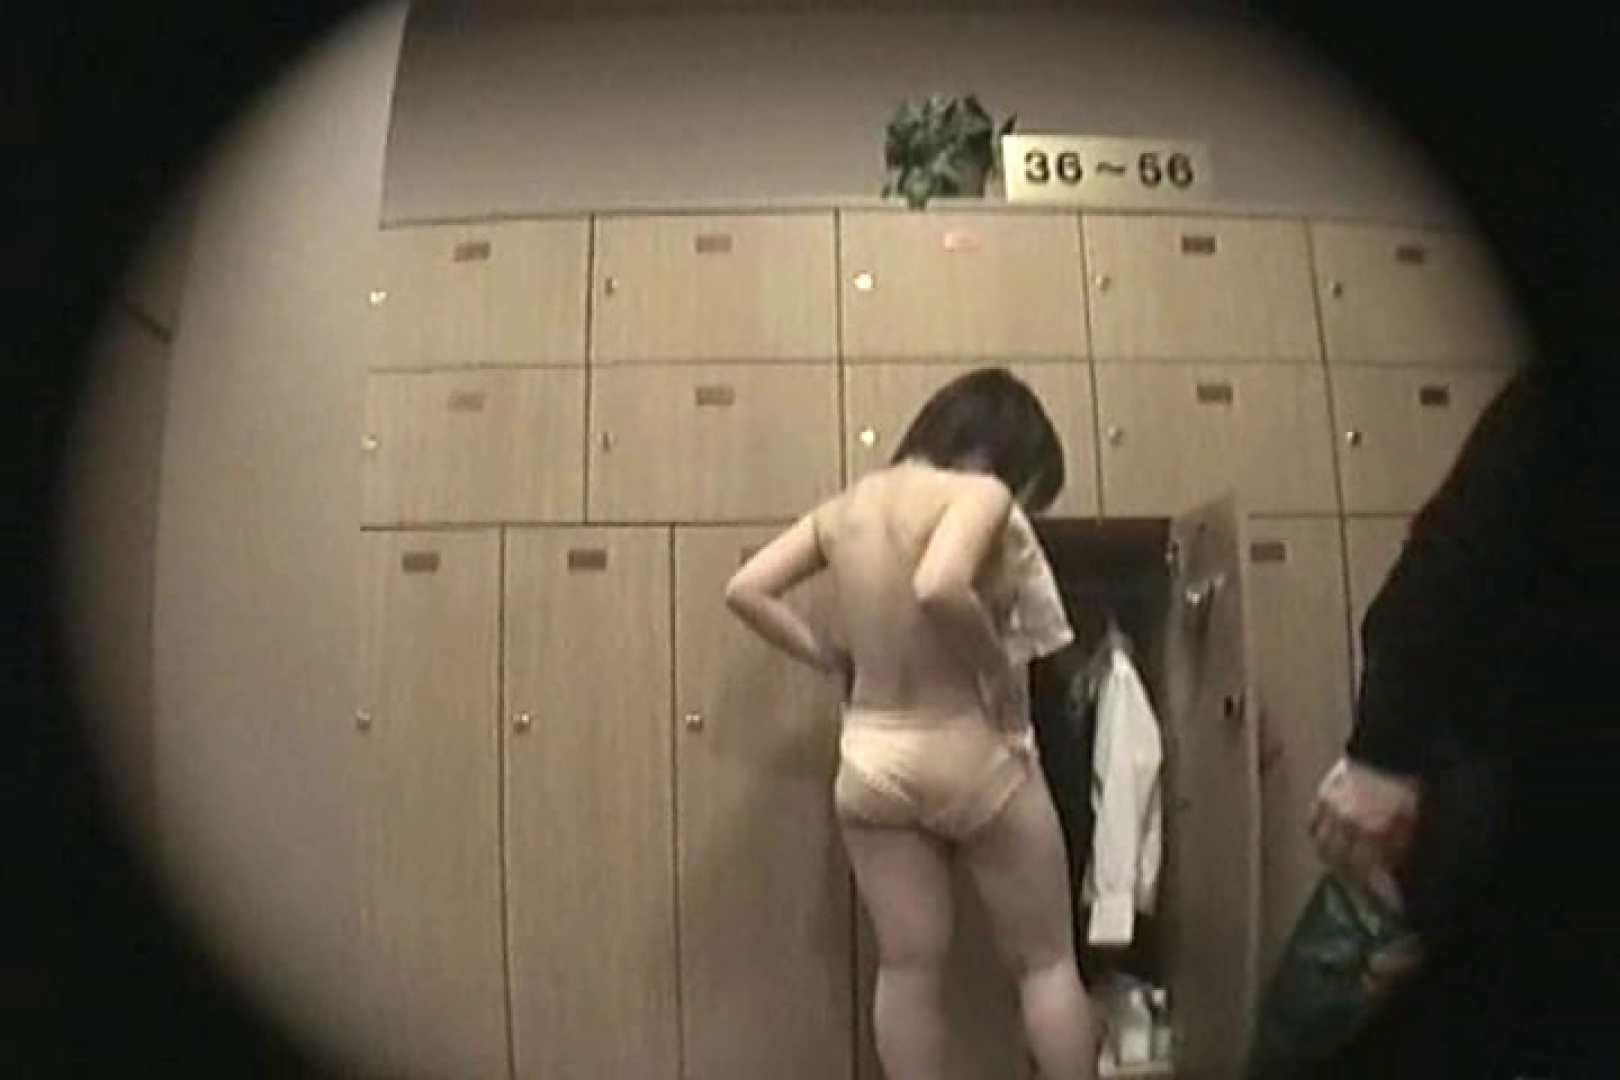 新女風呂51 むっちり   女風呂  41連発 31